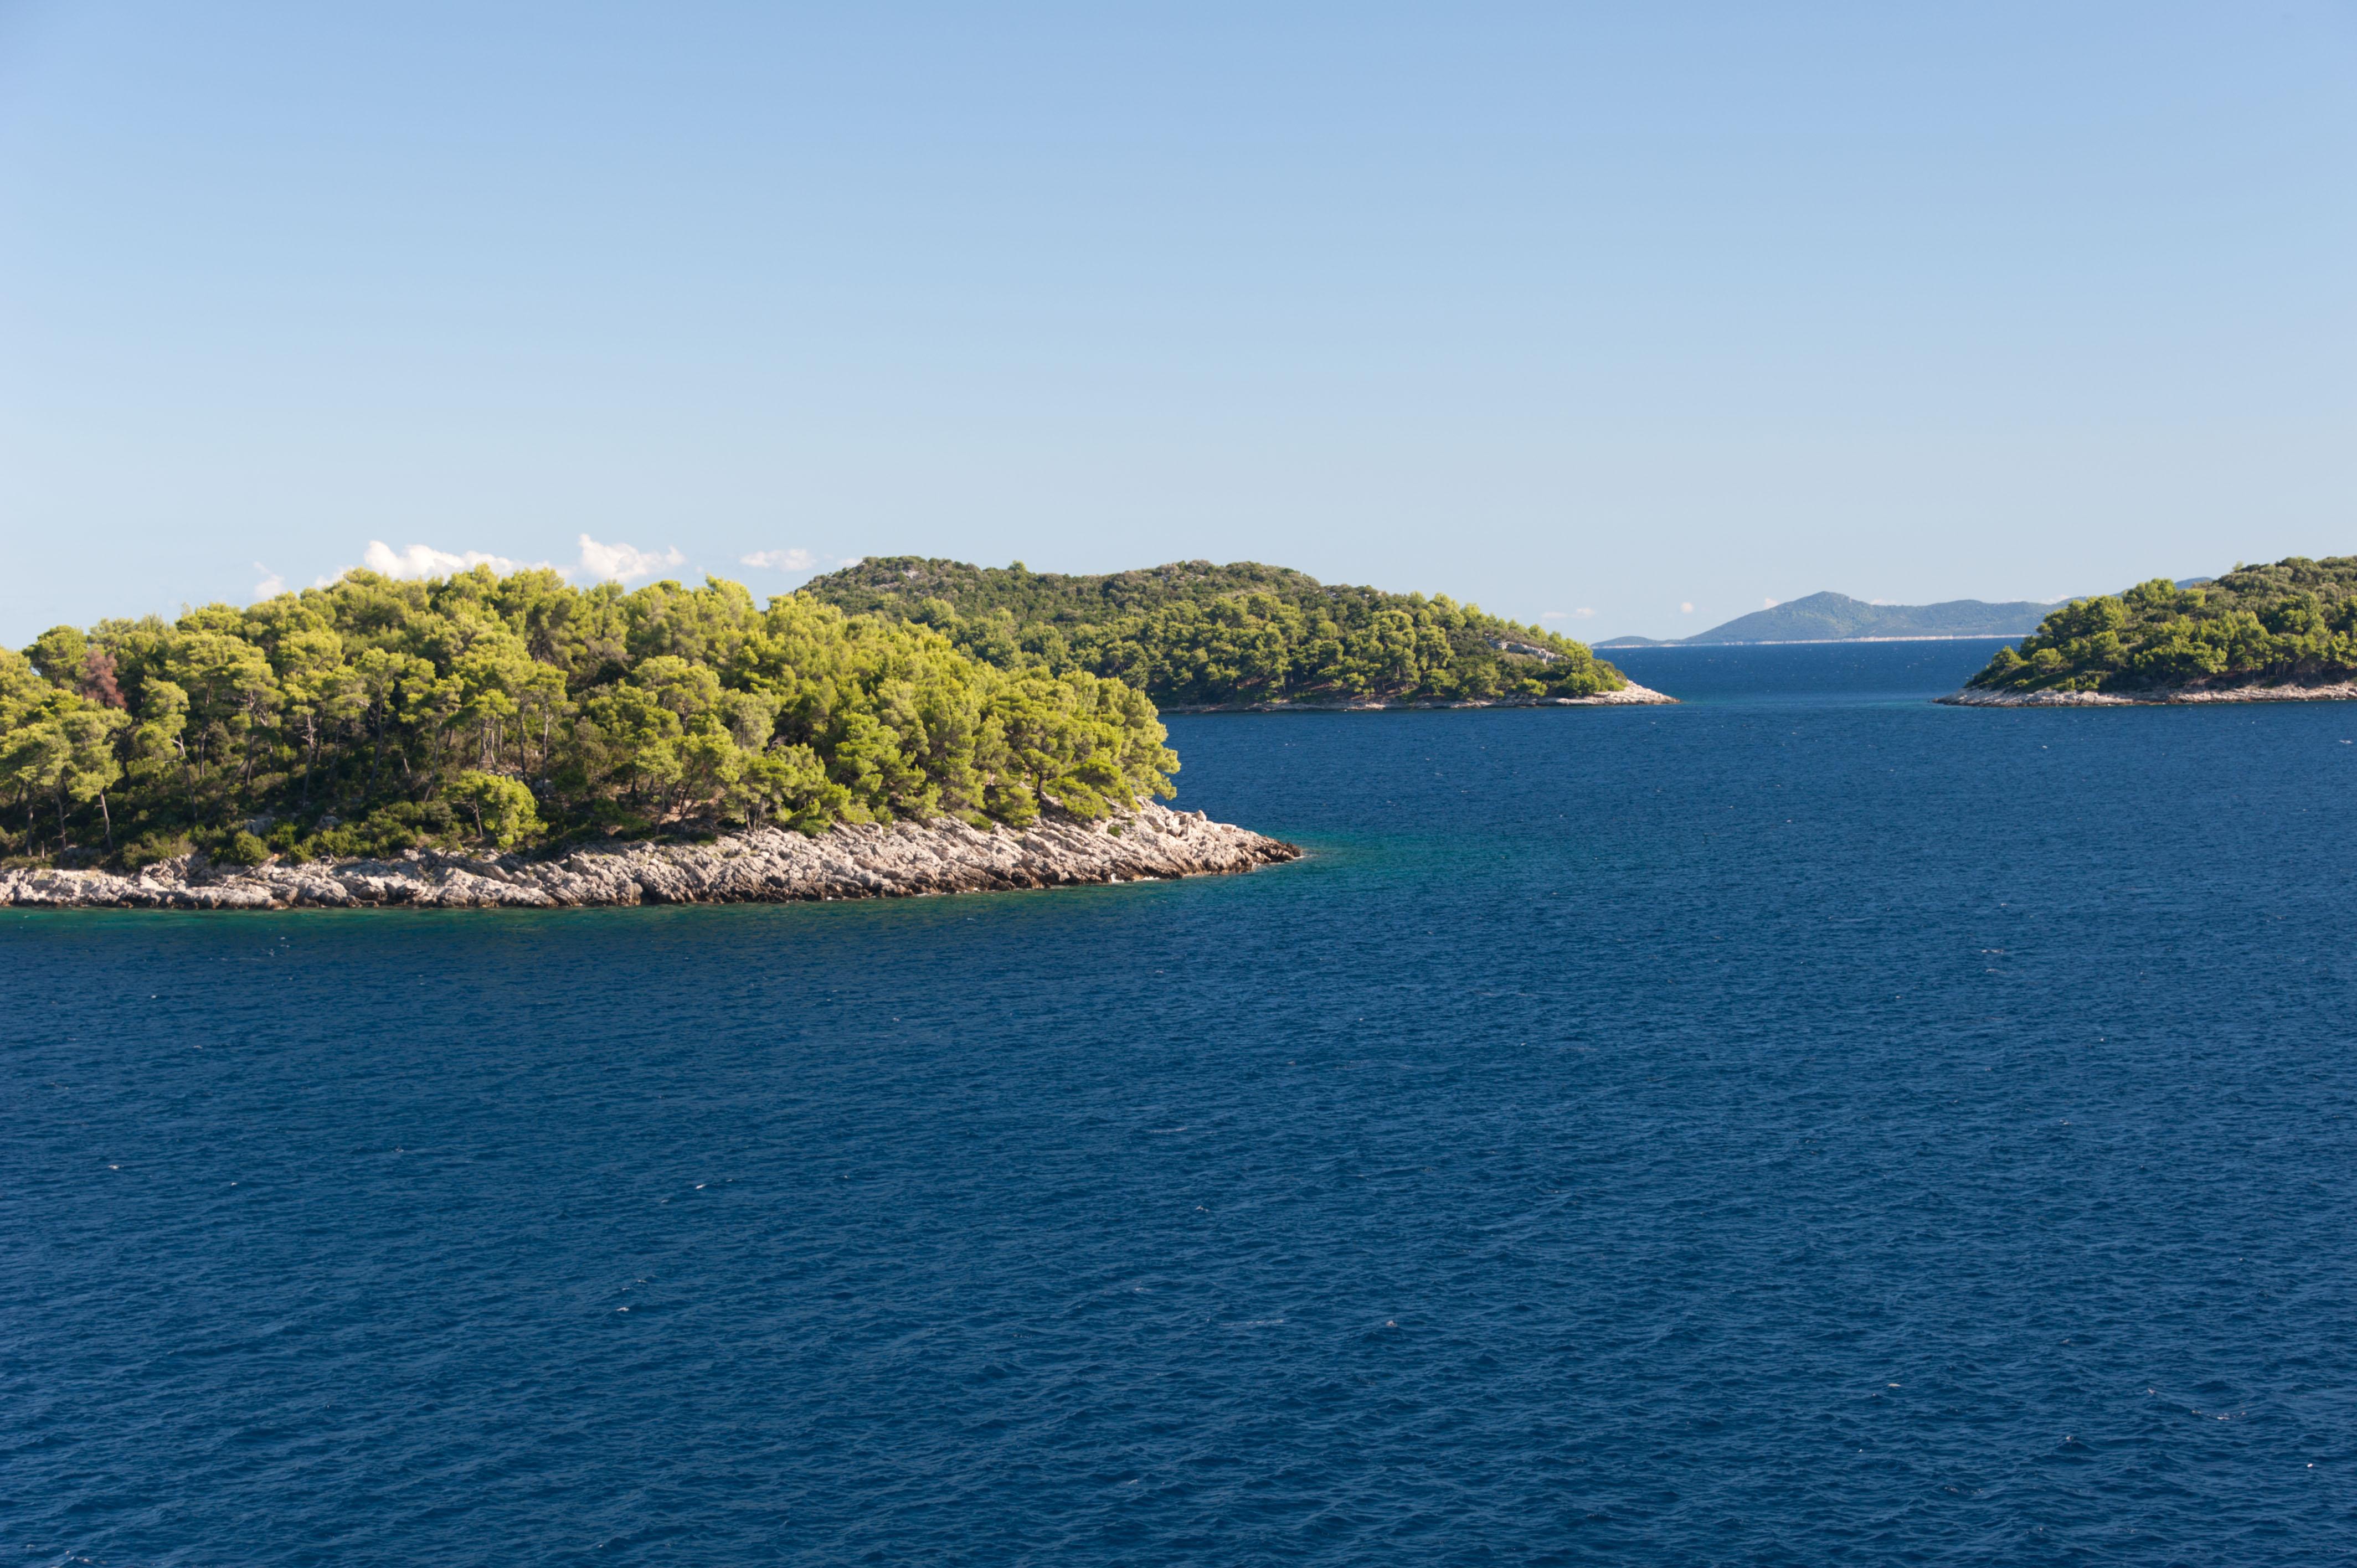 9934-Grscica - ile Korcula (Sud Dalmatie)